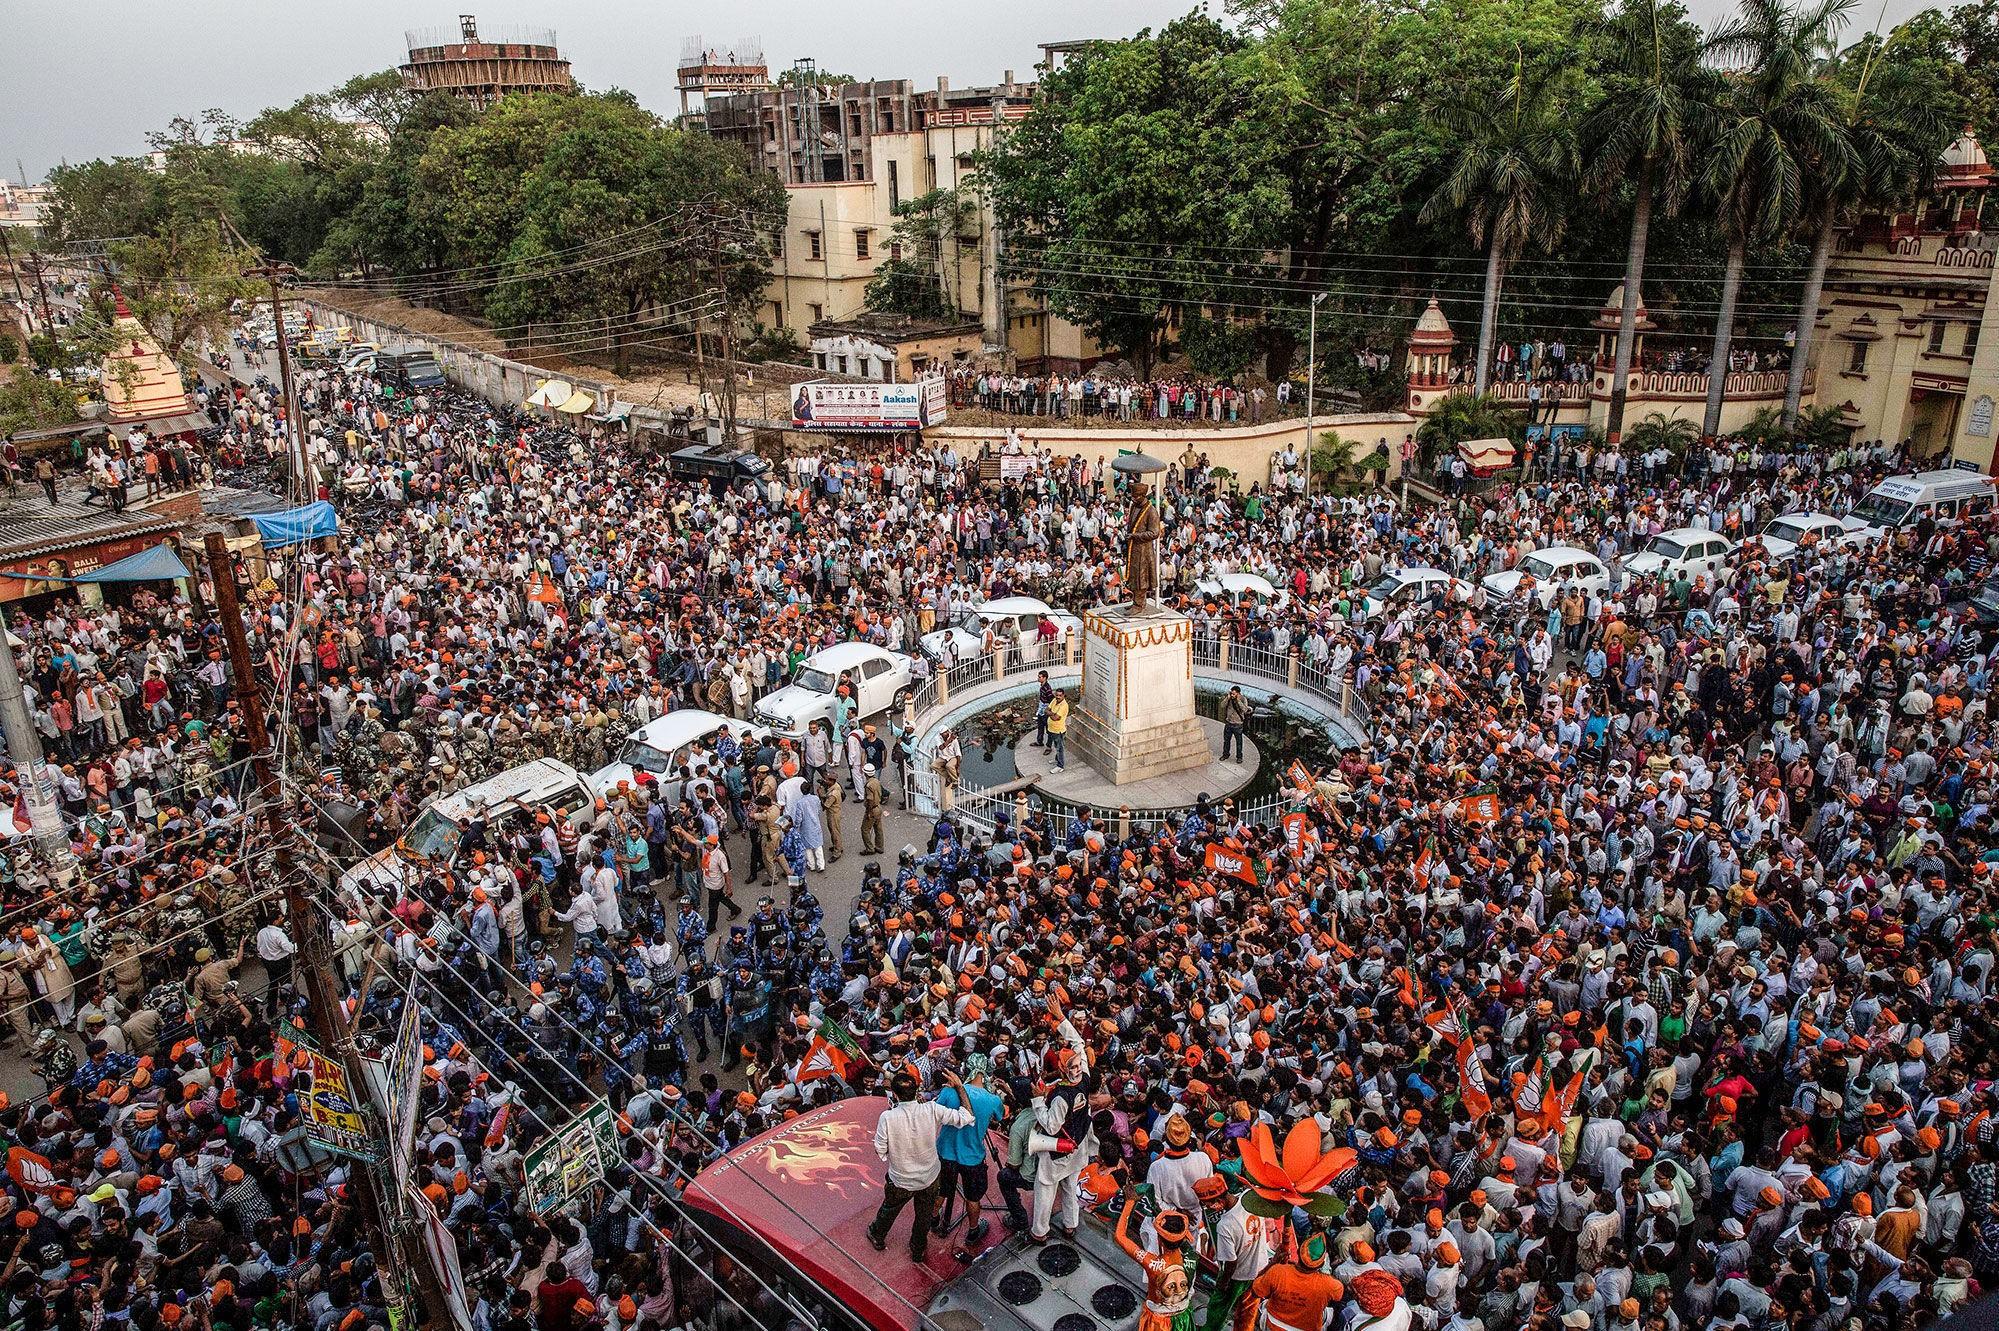 Med 1,65 milliarder mennesker i 2100 mener FN at India blir verdens utvilsomt største land.